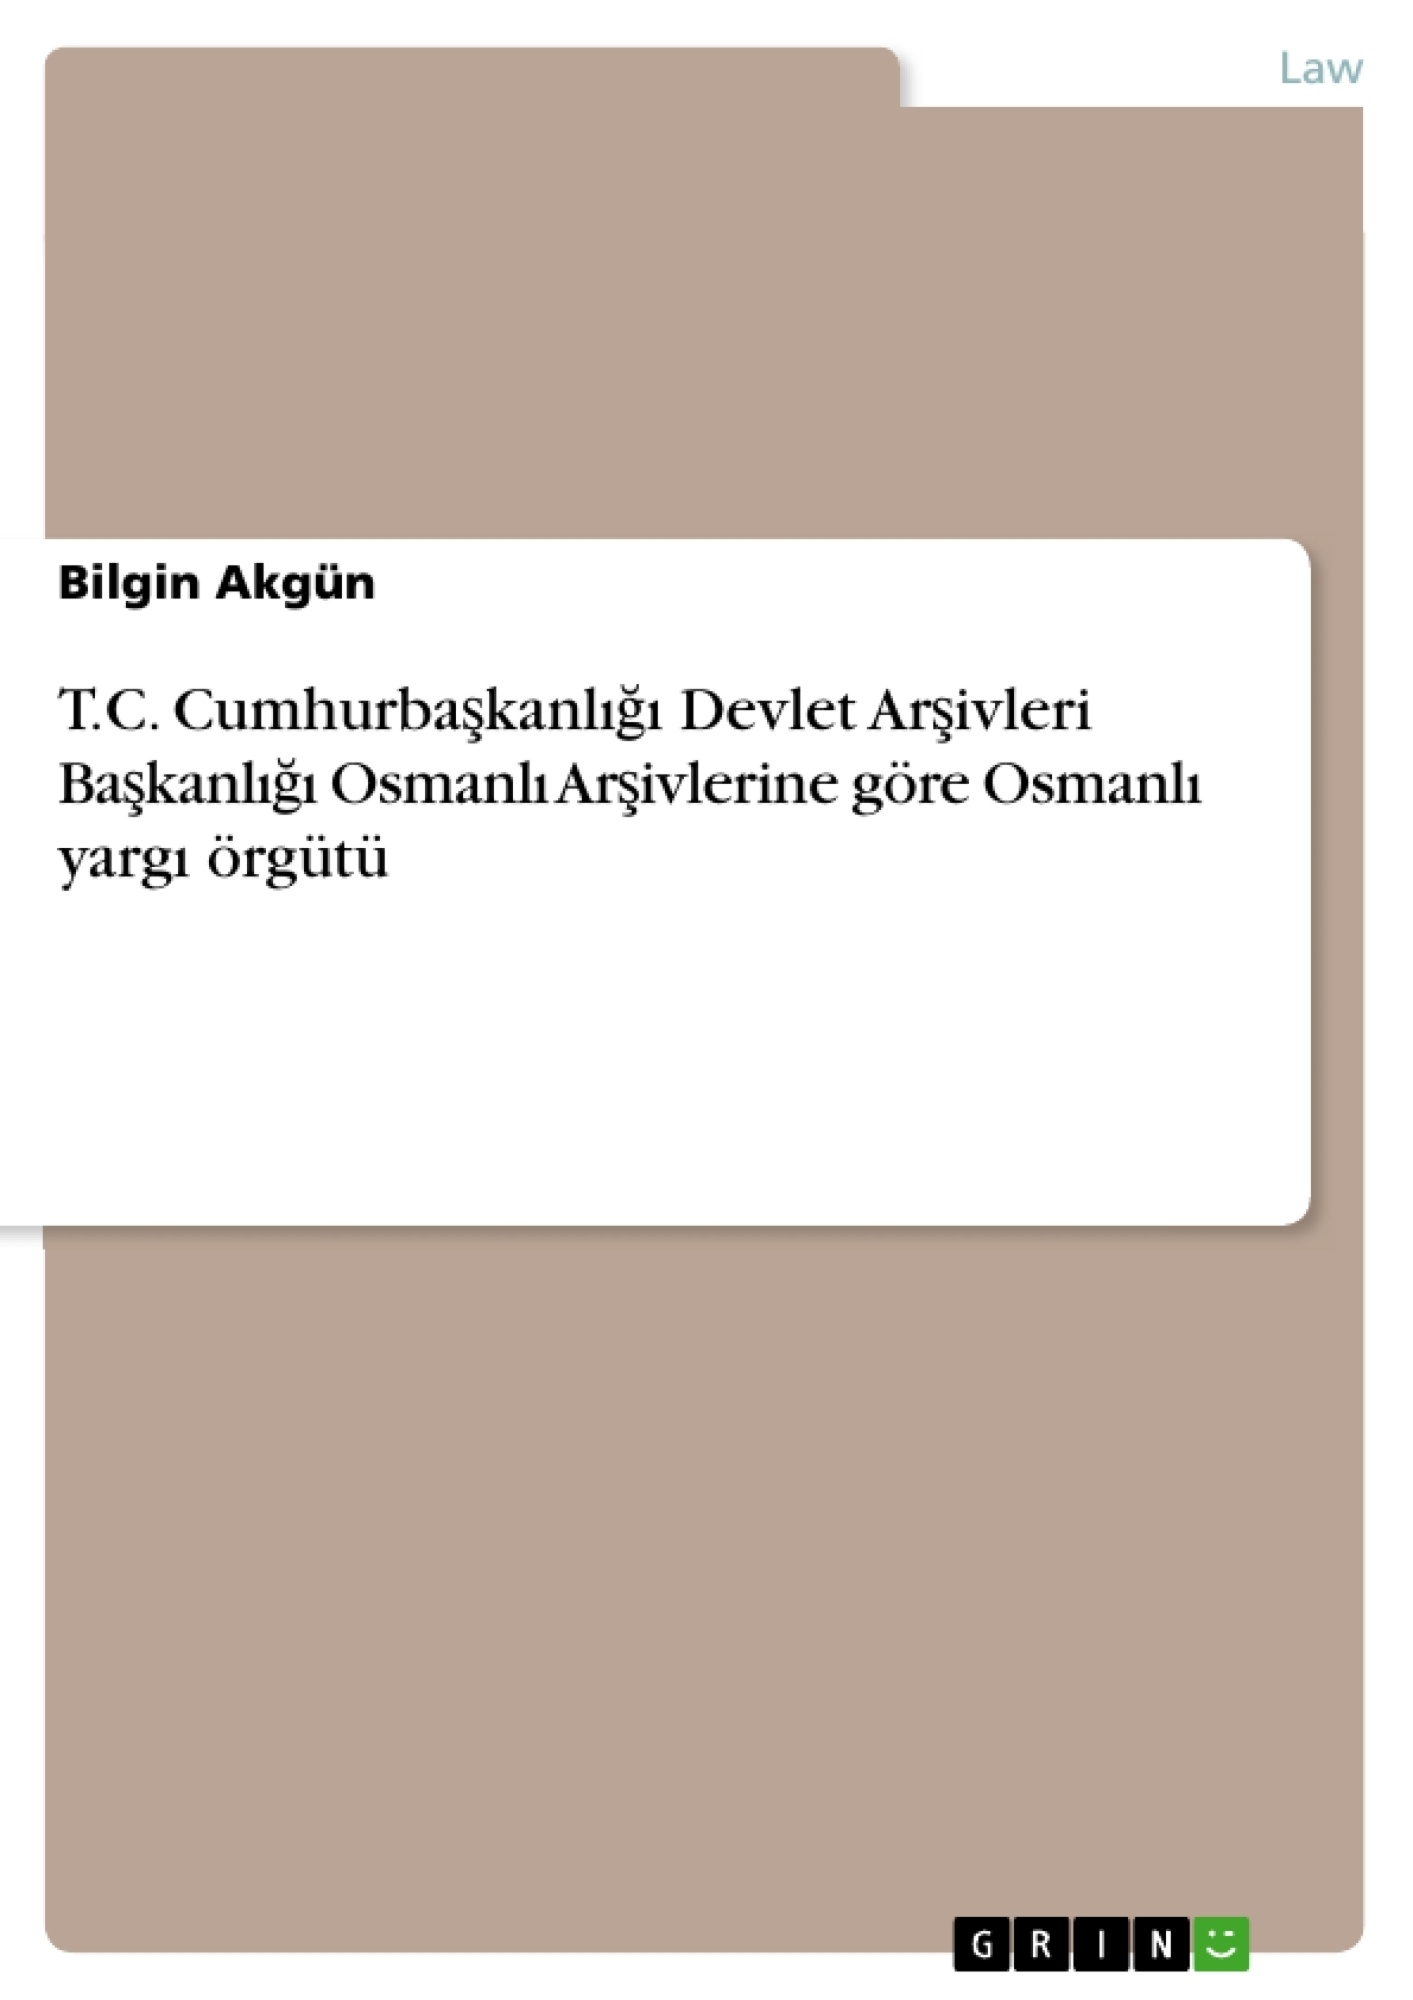 Title: T.C. Cumhurbaşkanlığı Devlet Arşivleri Başkanlığı Osmanlı Arşivlerine göre Osmanlı yargı örgütü